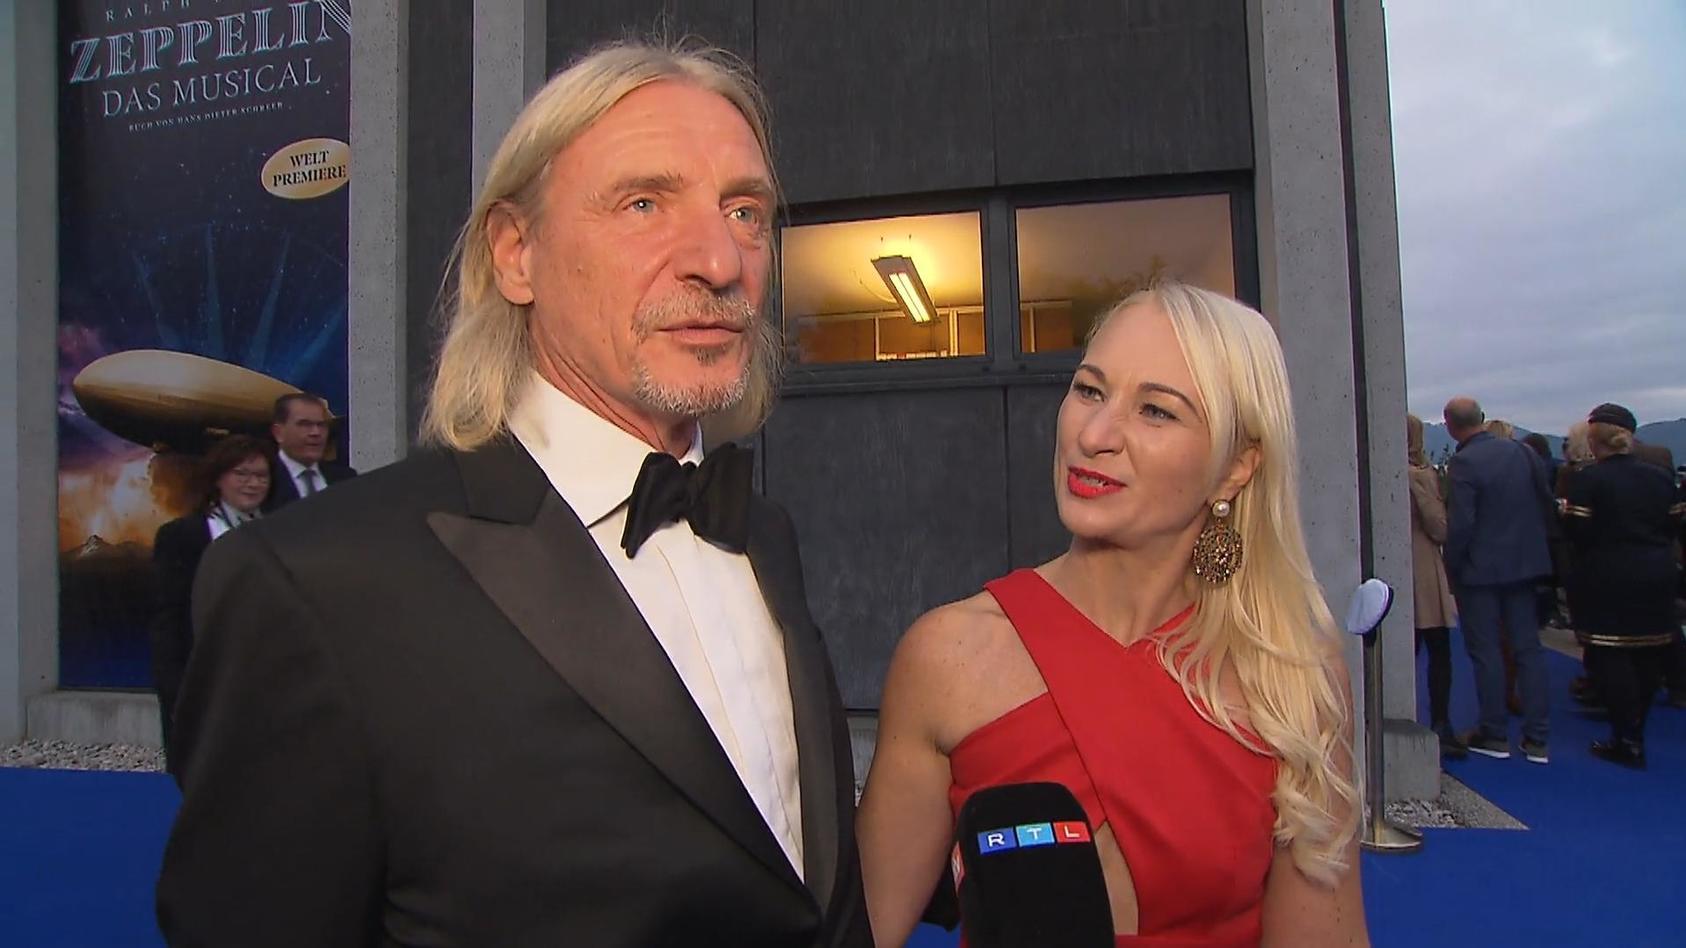 mit-blondine-bei-event-frank-otto-hat-er-eine-neue-freundin